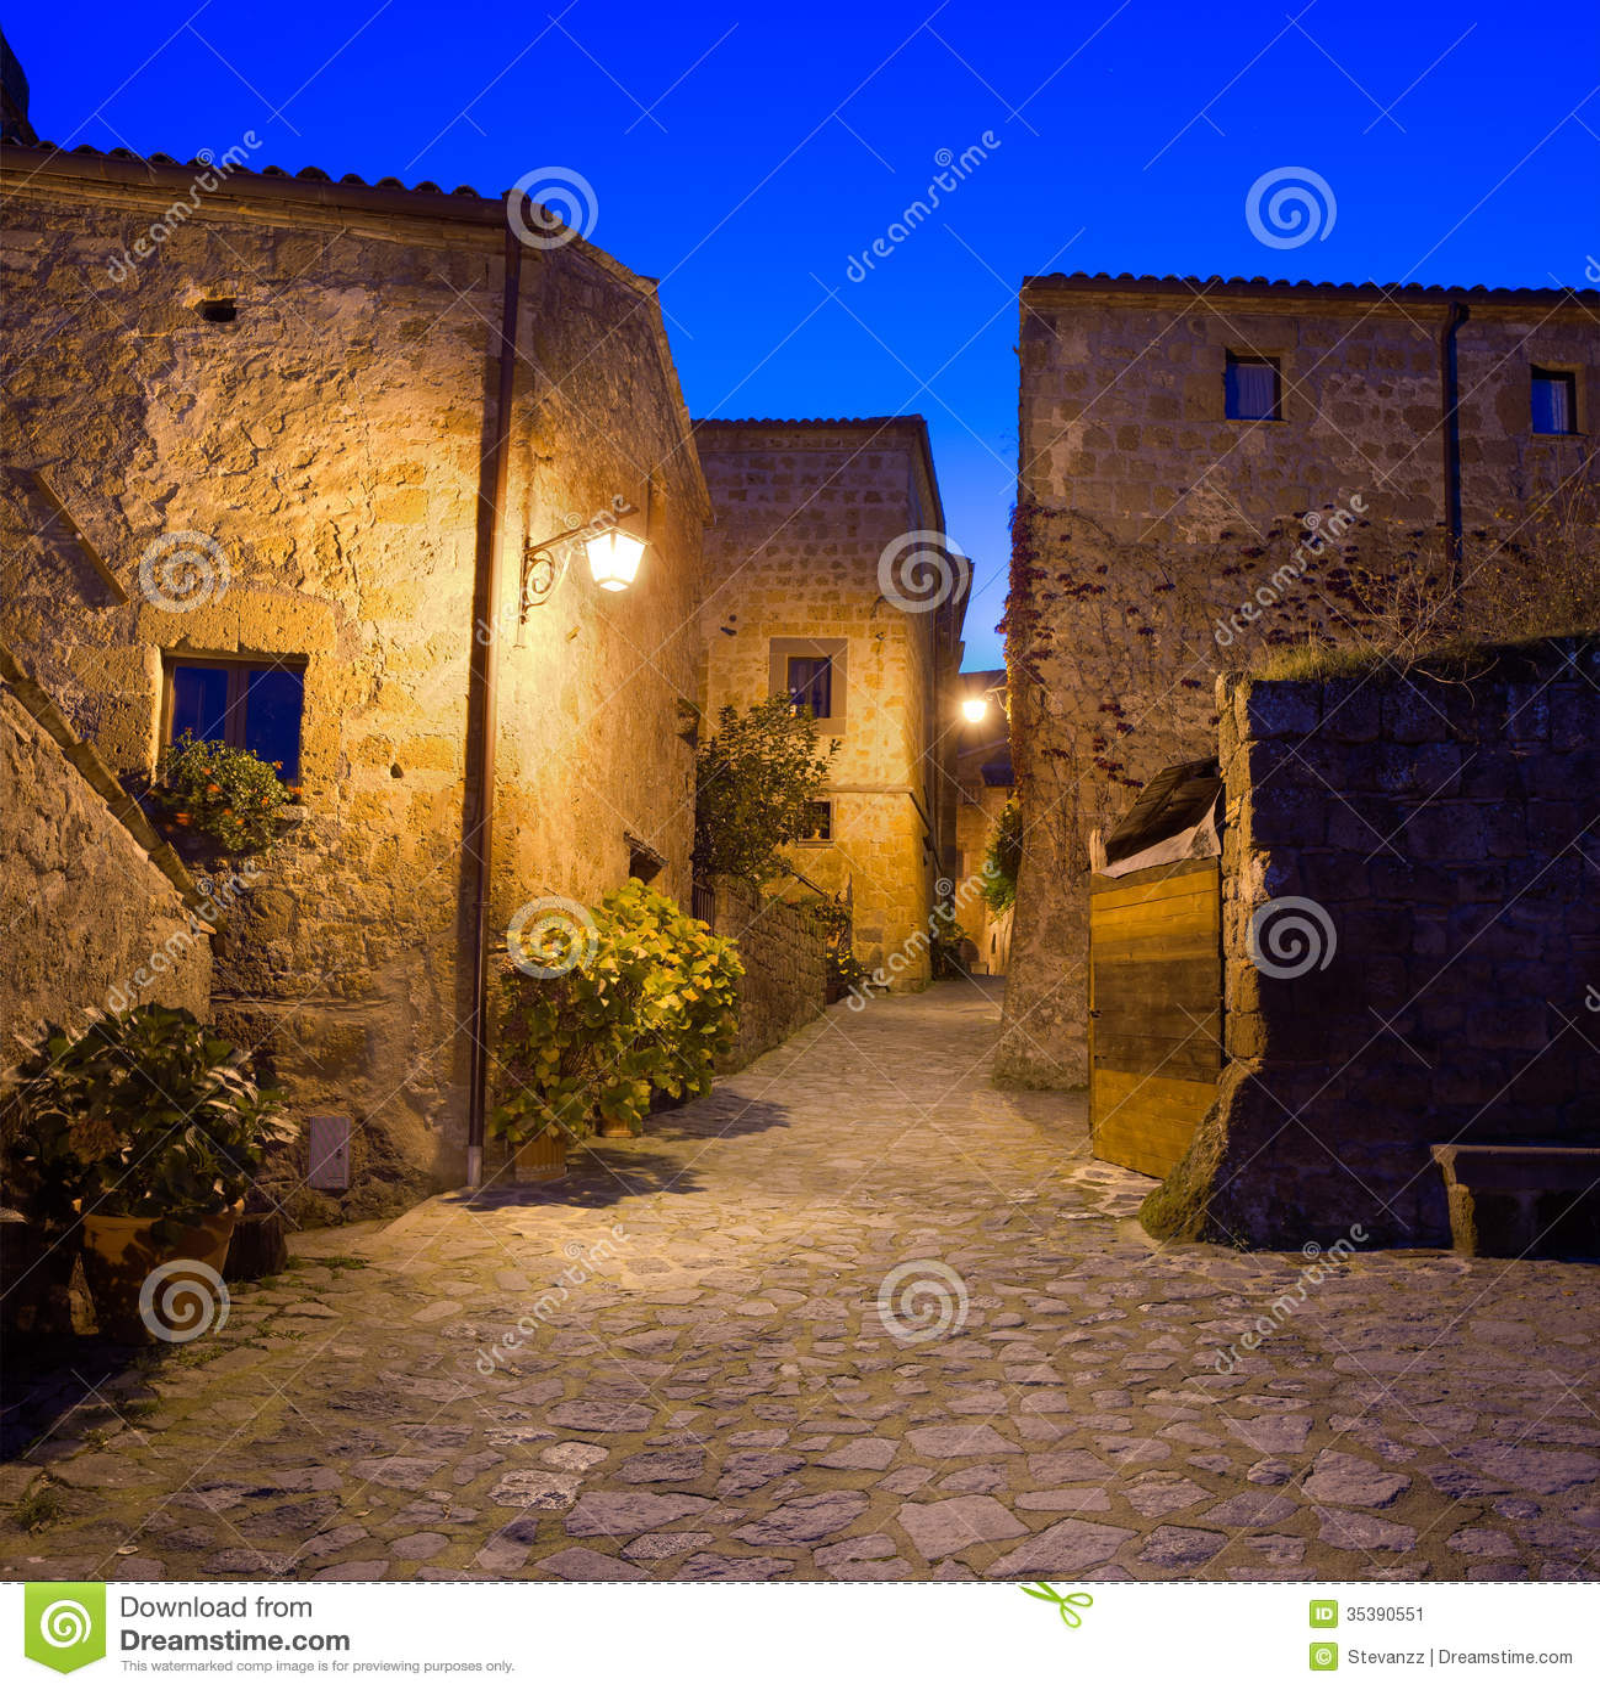 奇维塔二巴尼奥雷焦地标,在微明的中世纪村庄视图。意大利